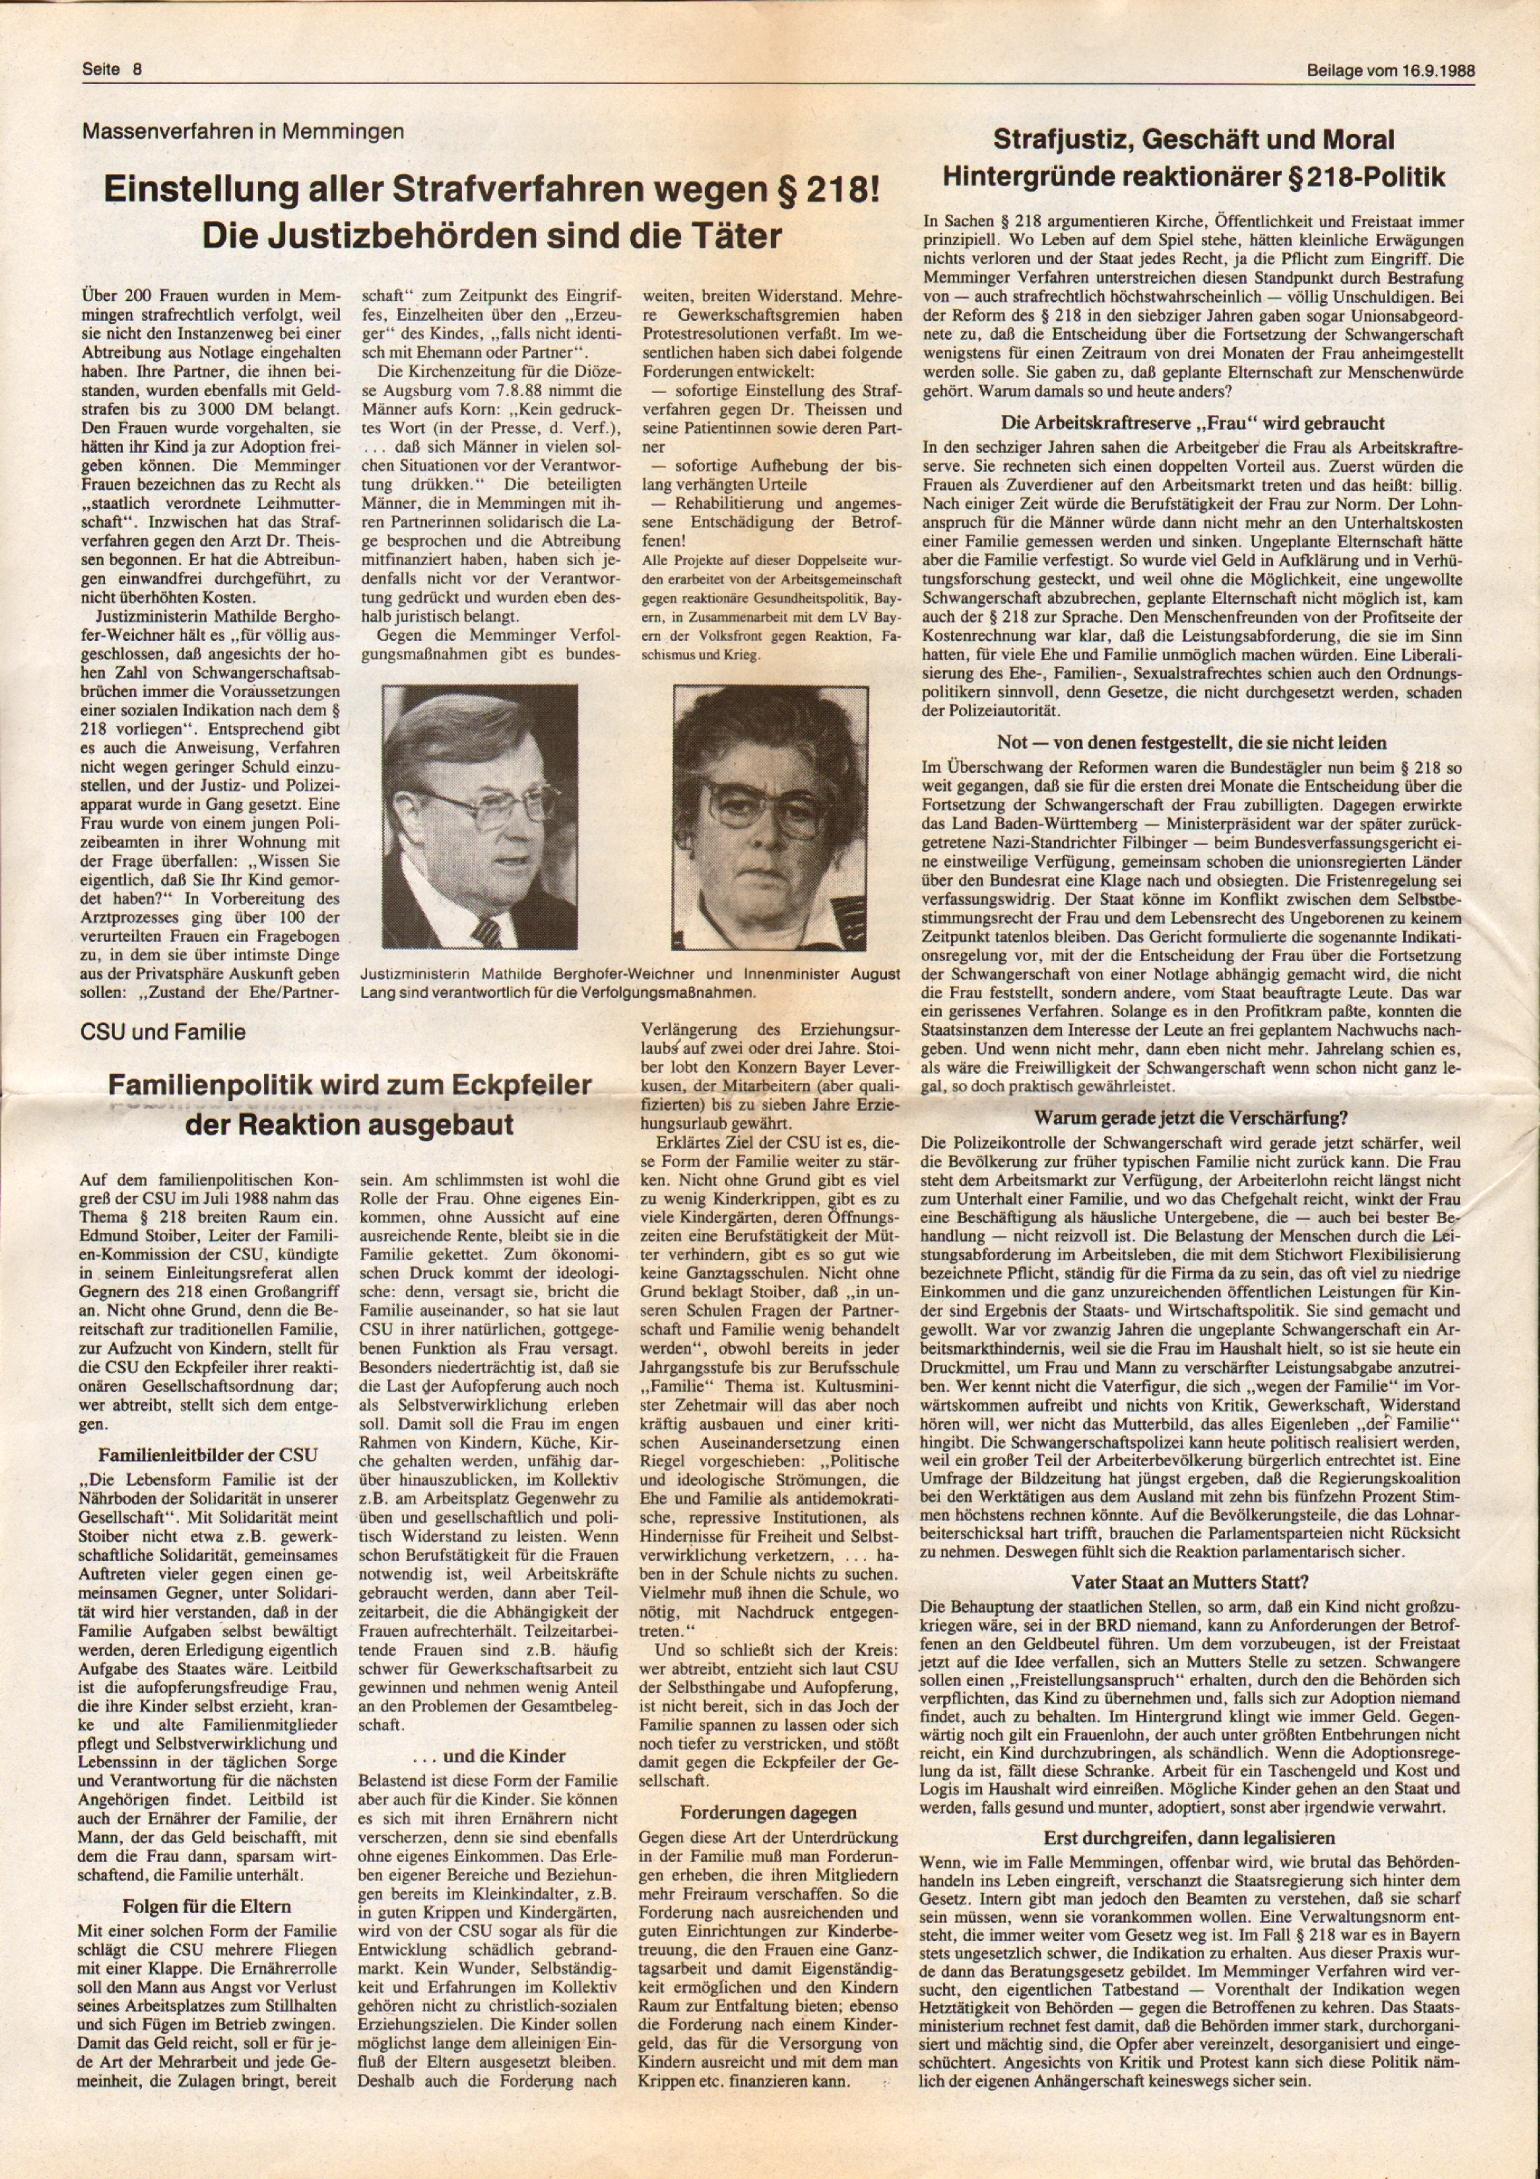 Gemeinsame_Beilage_1988_03_08